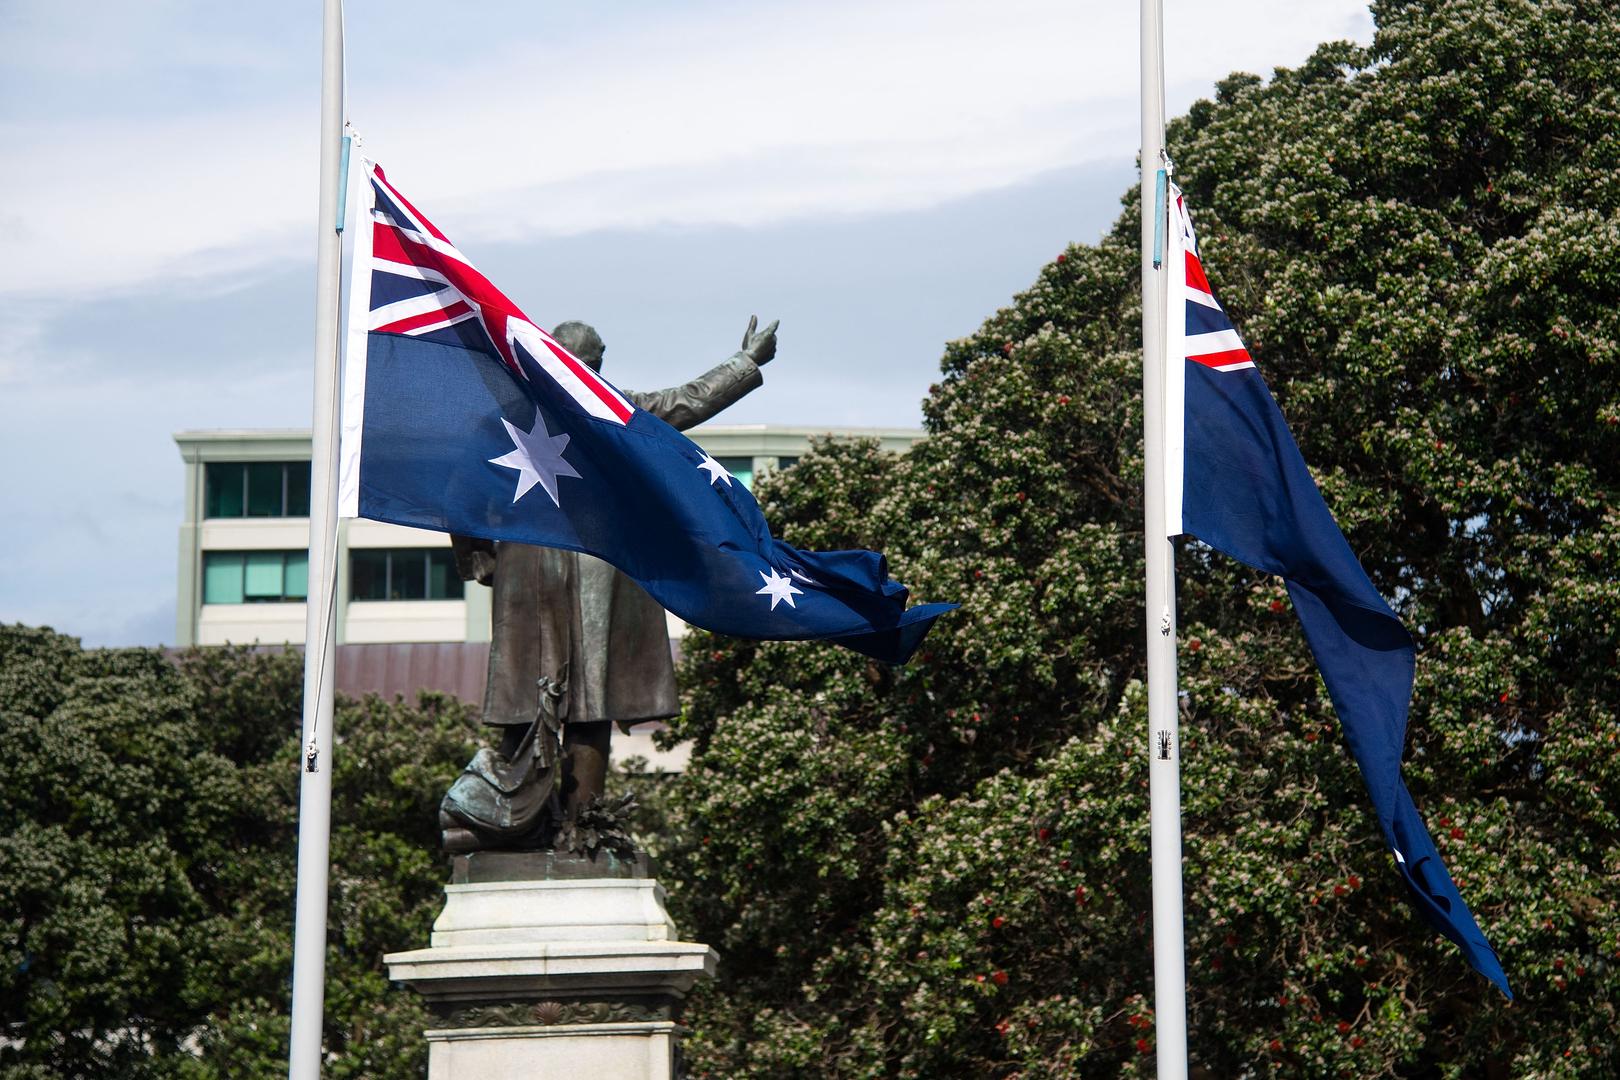 نيوزيلندا.. حزب سياسي يطلق التماسا لتغيير اسم البلاد